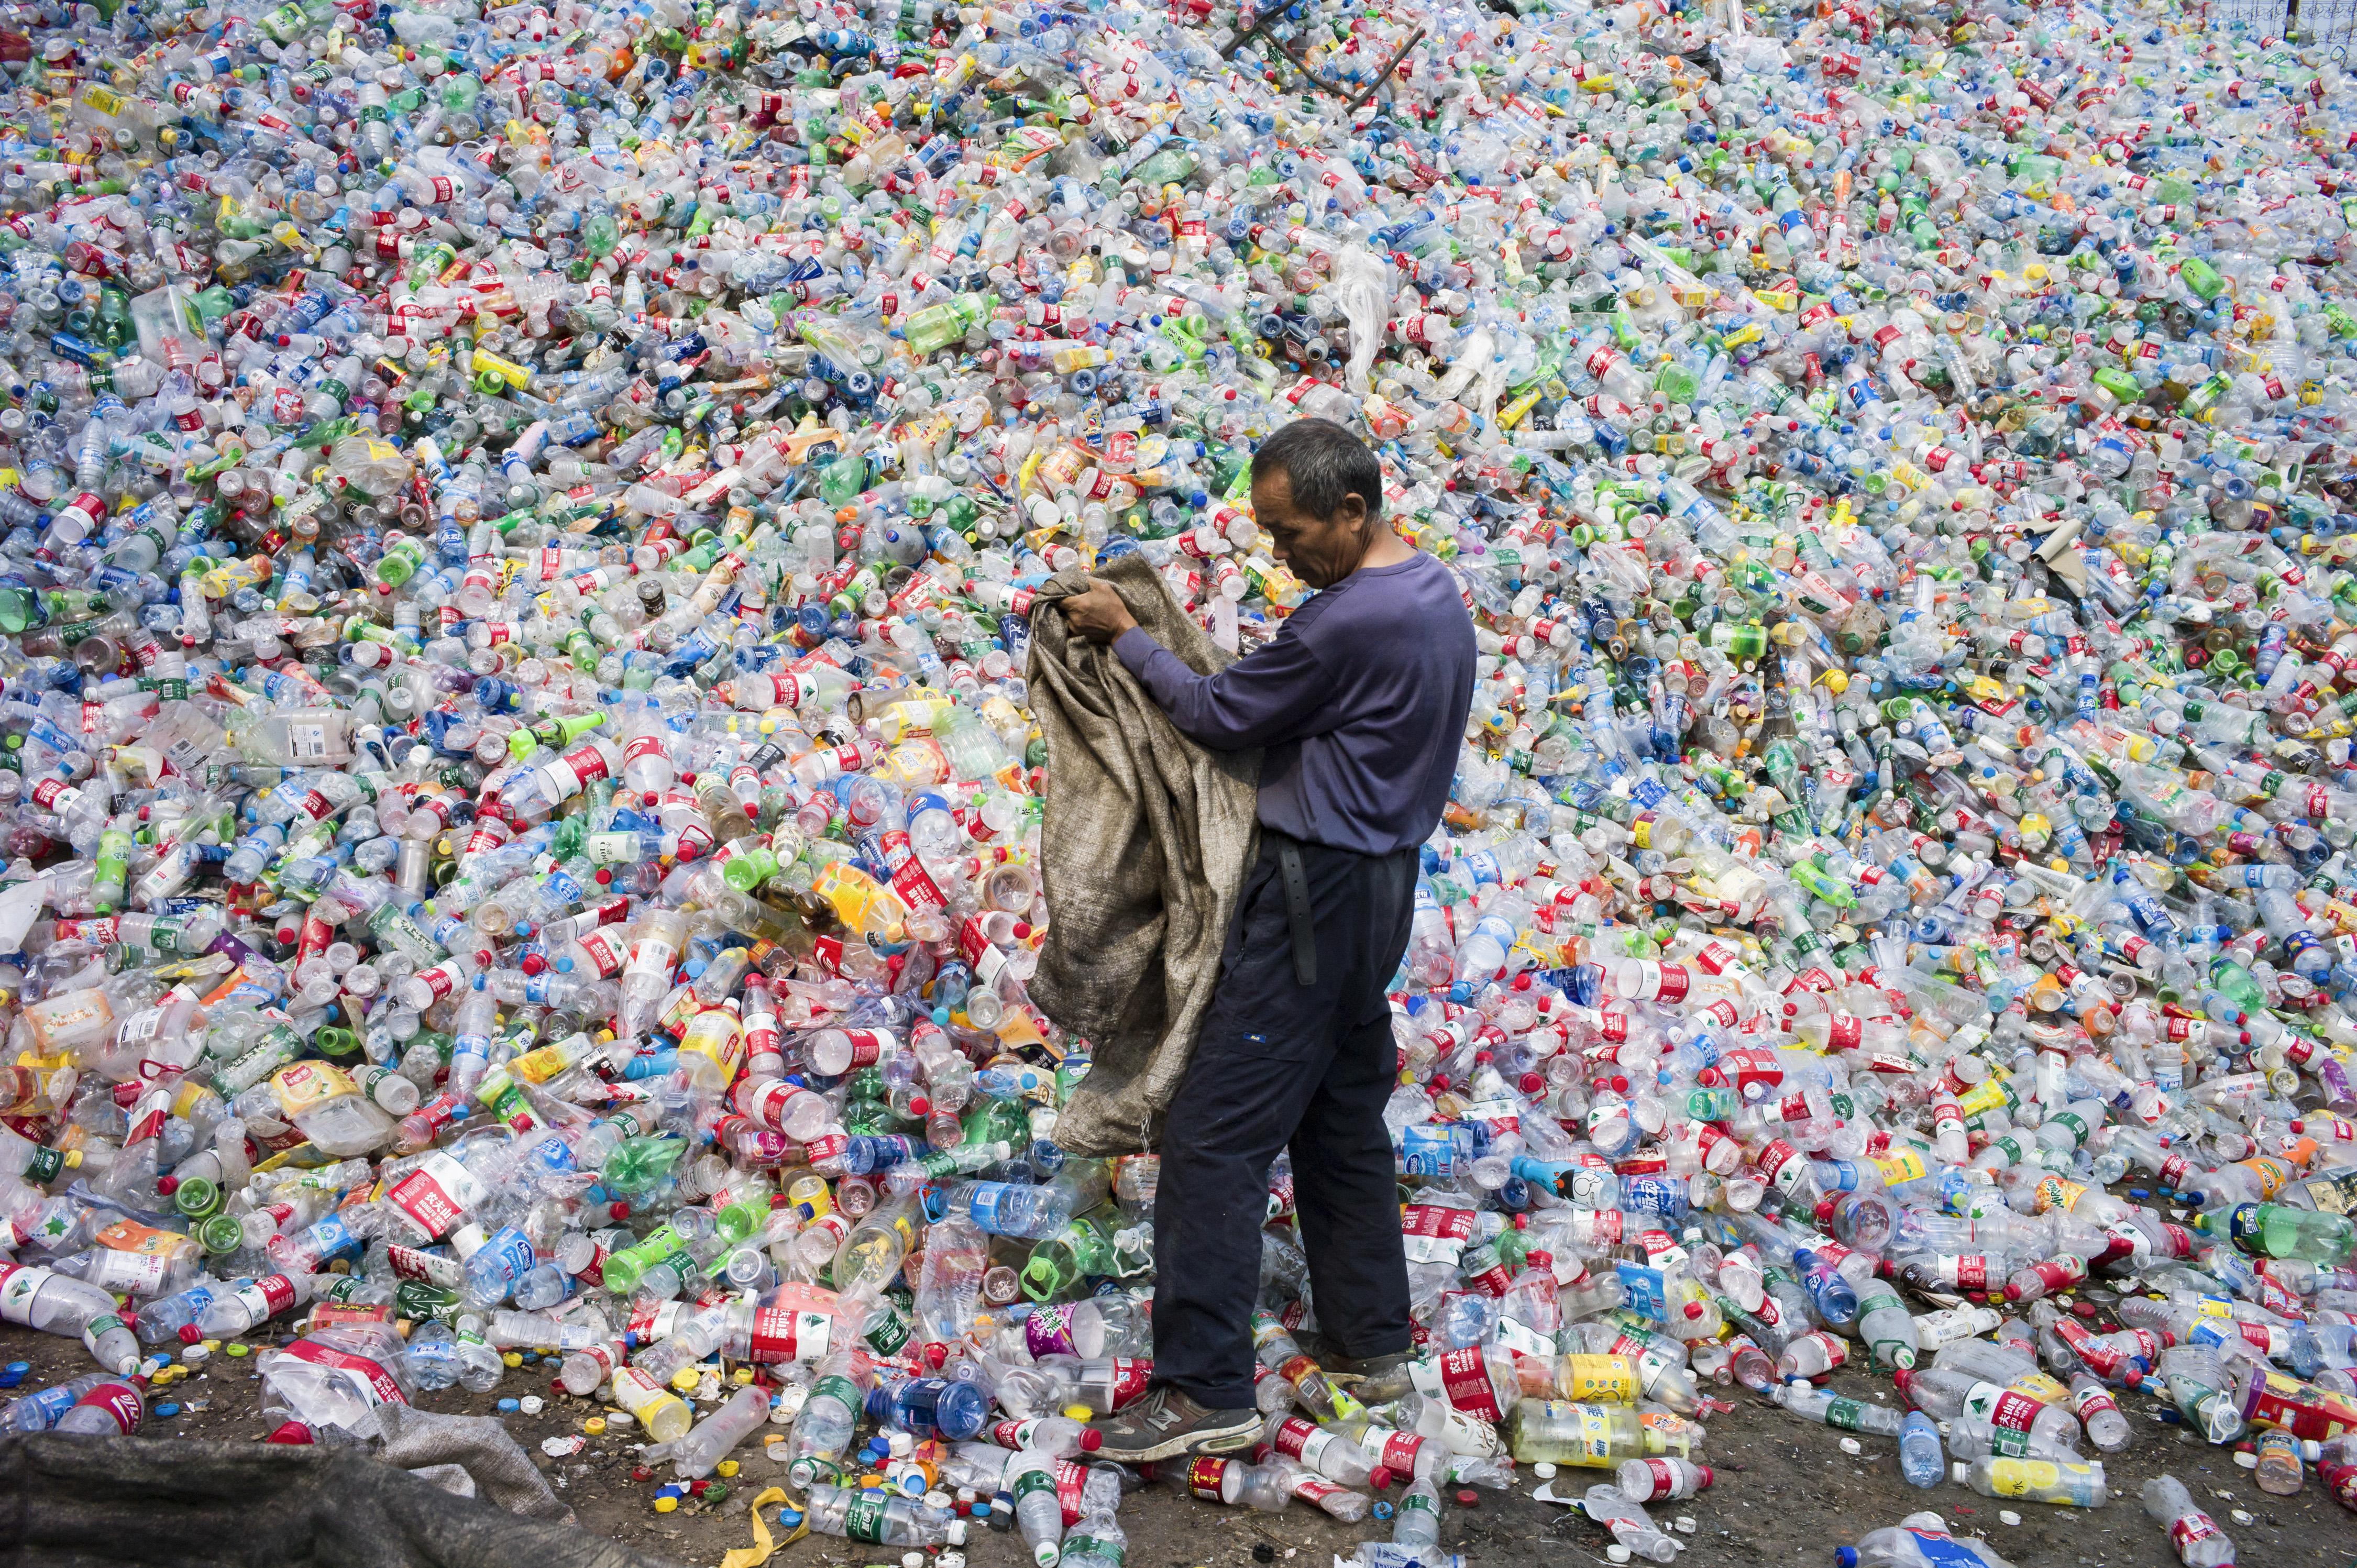 Betiltják a fültisztító pálcikákat és más egyszer használatos műanyag termékeket